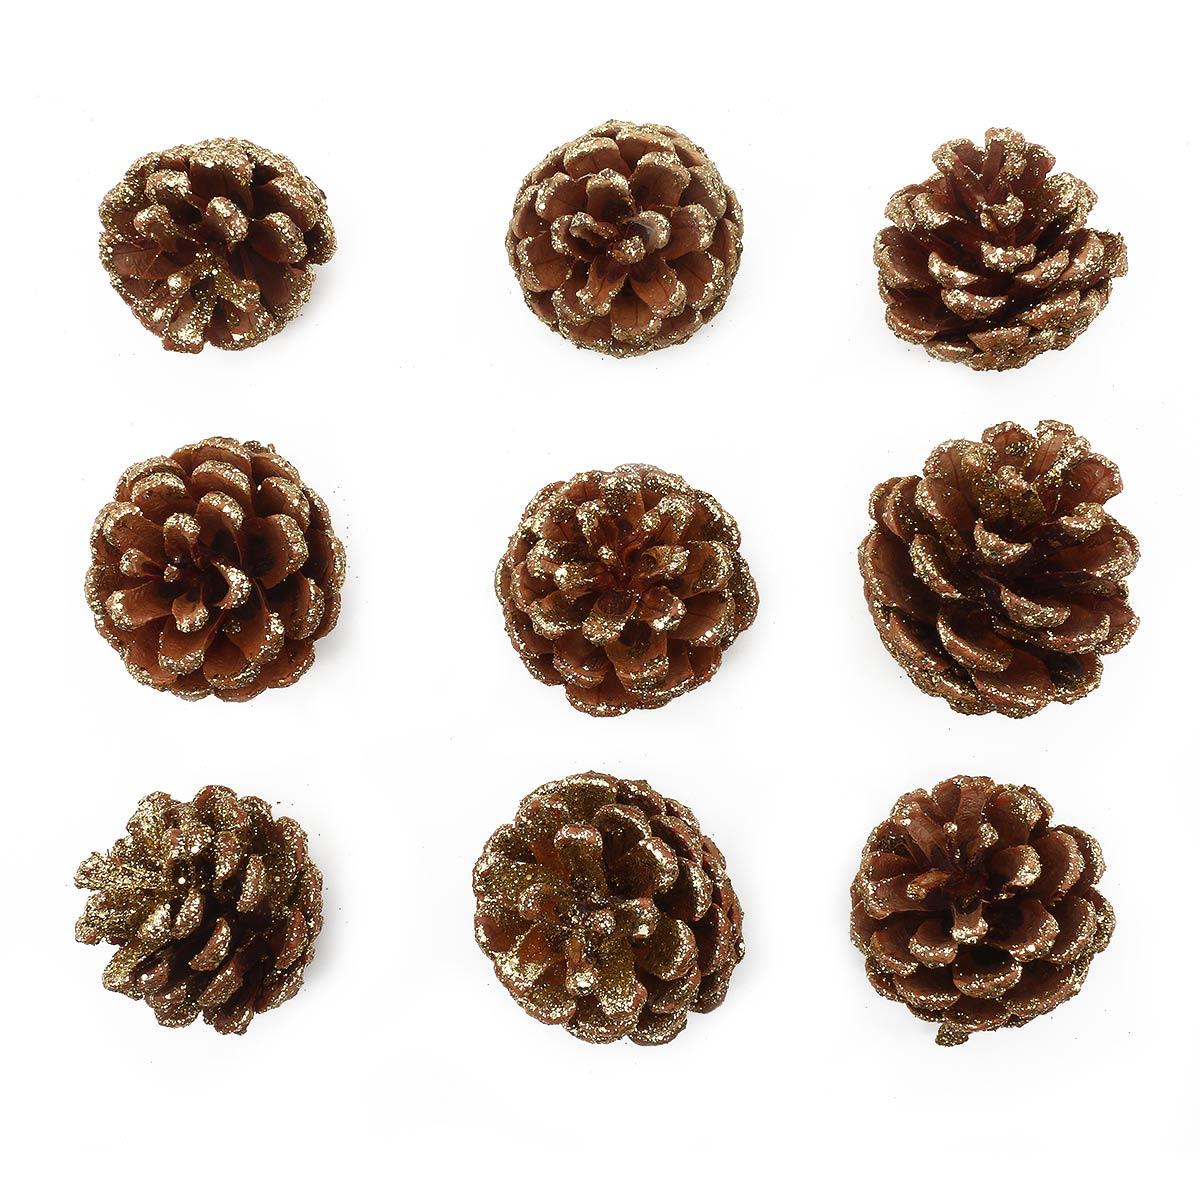 XY19-838 Шишки обработанные натуральные длина 6-8 см, 5-7 см, 9шт/упак